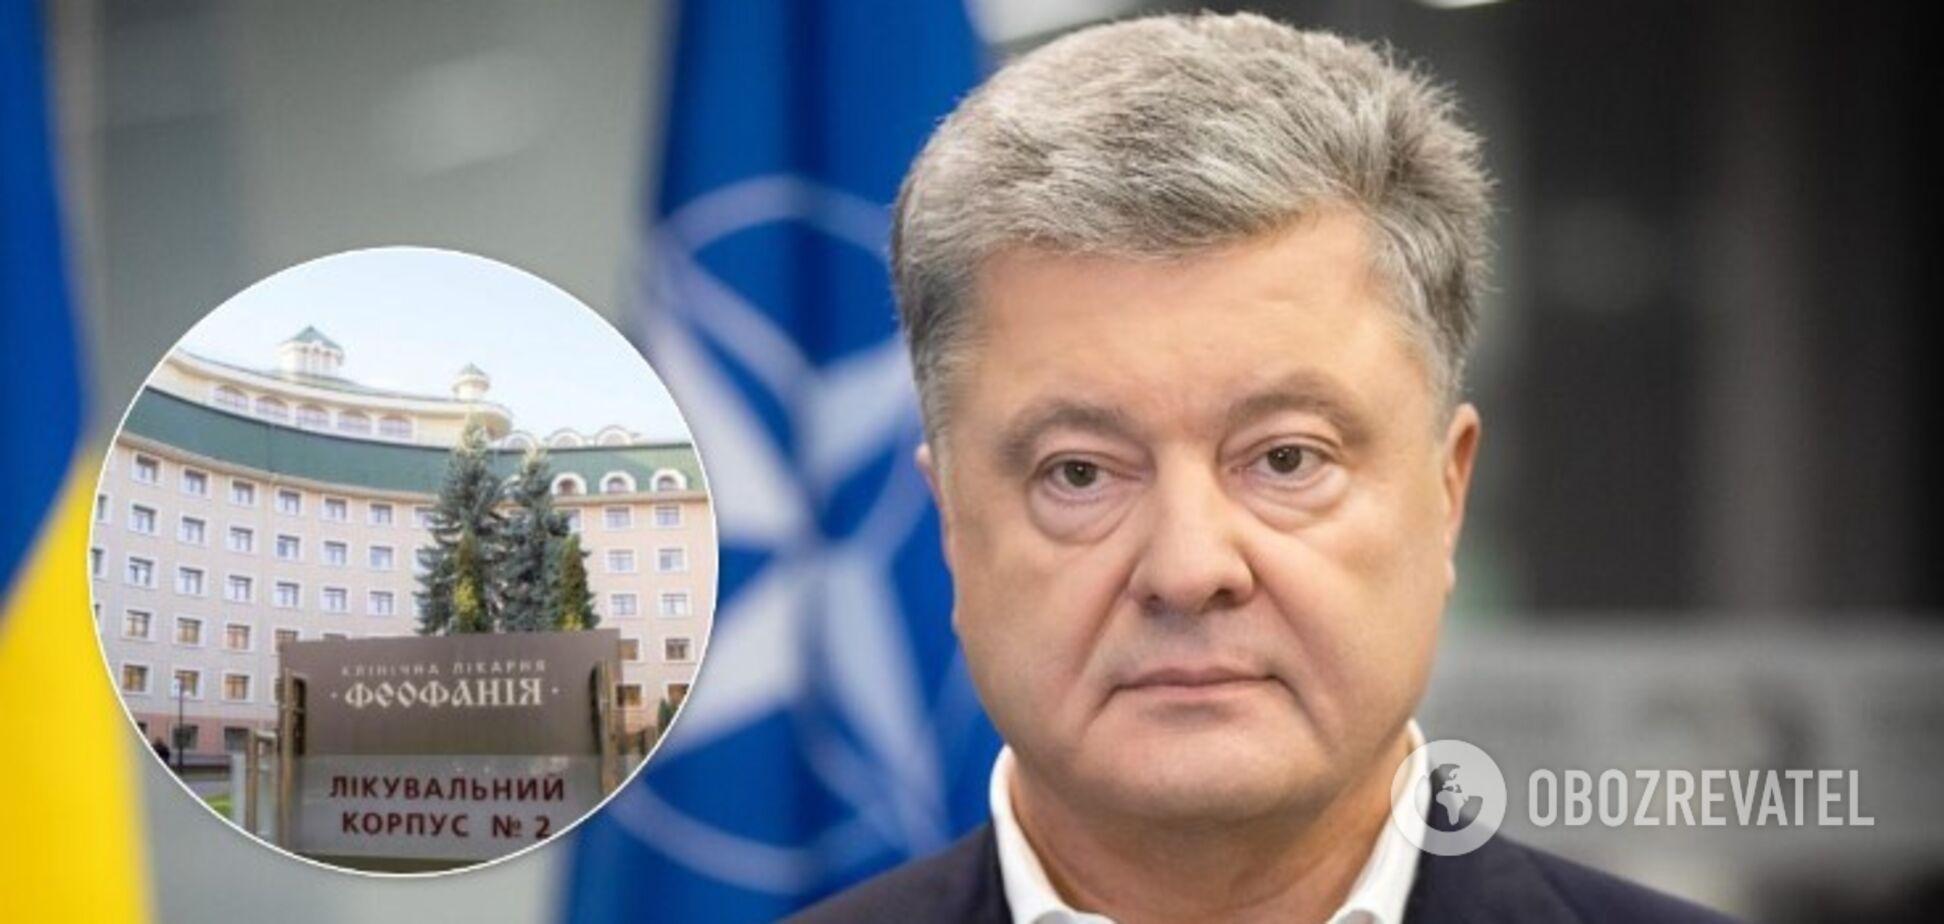 Порошенко призвал открыть 'Феофанию' для лечения коронавируса